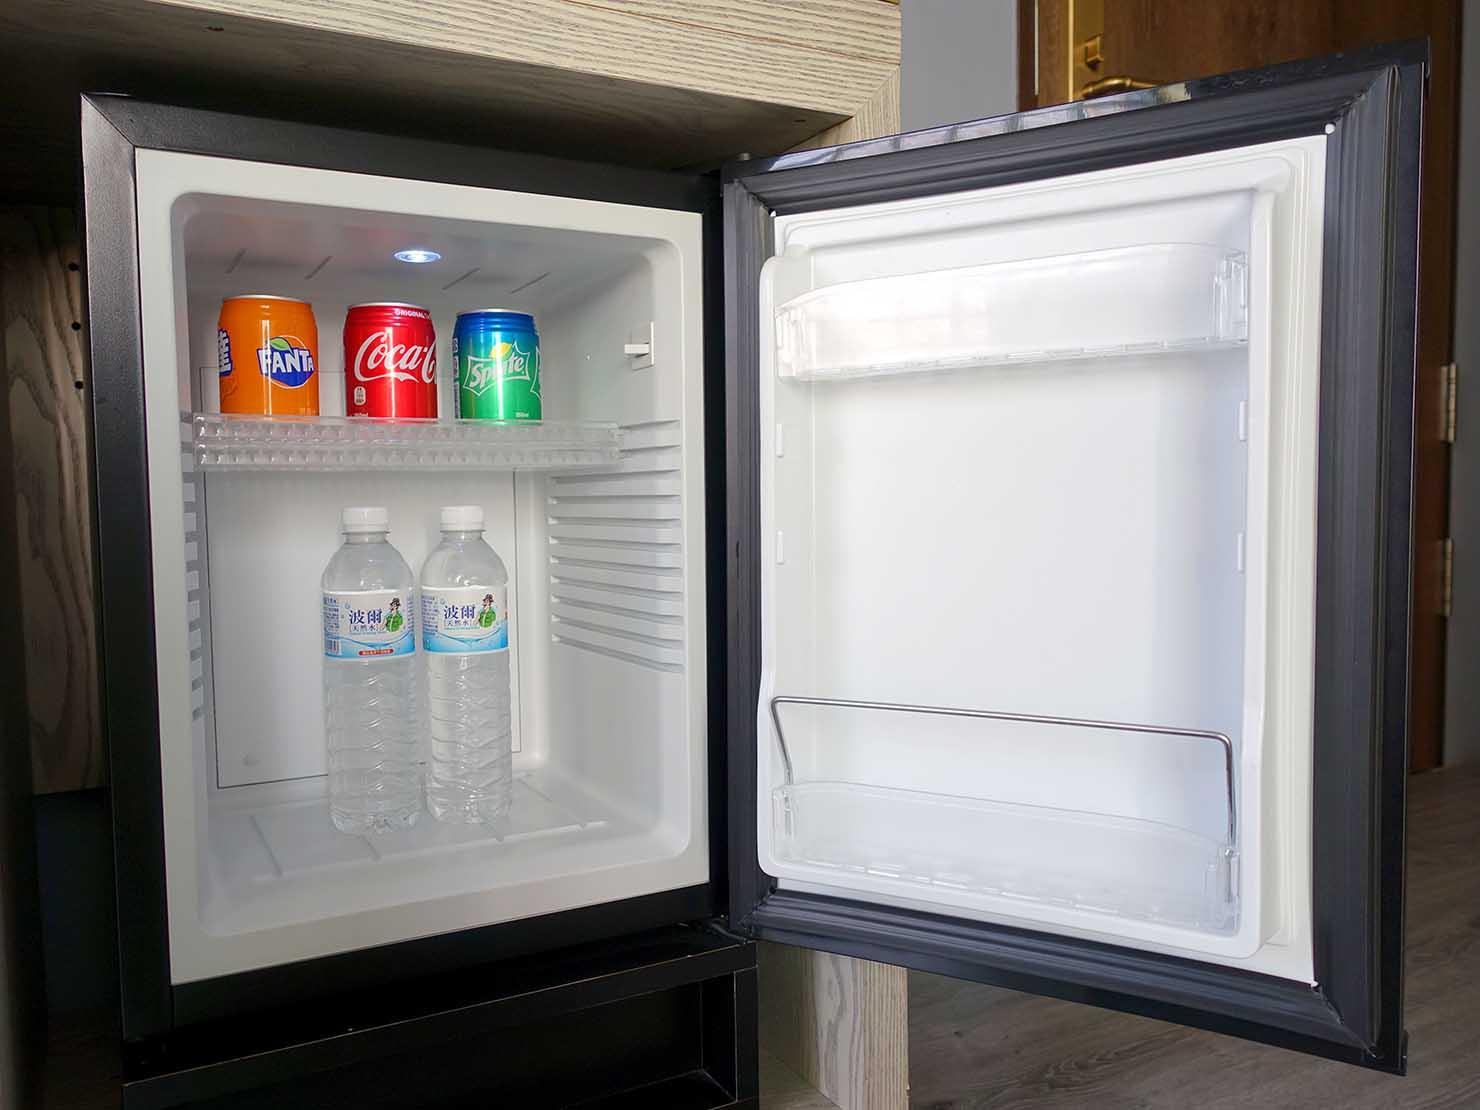 台北・大安の最高におしゃれなブティックホテル「chez nous 司旅」經典房(クラシックルーム)の冷蔵庫